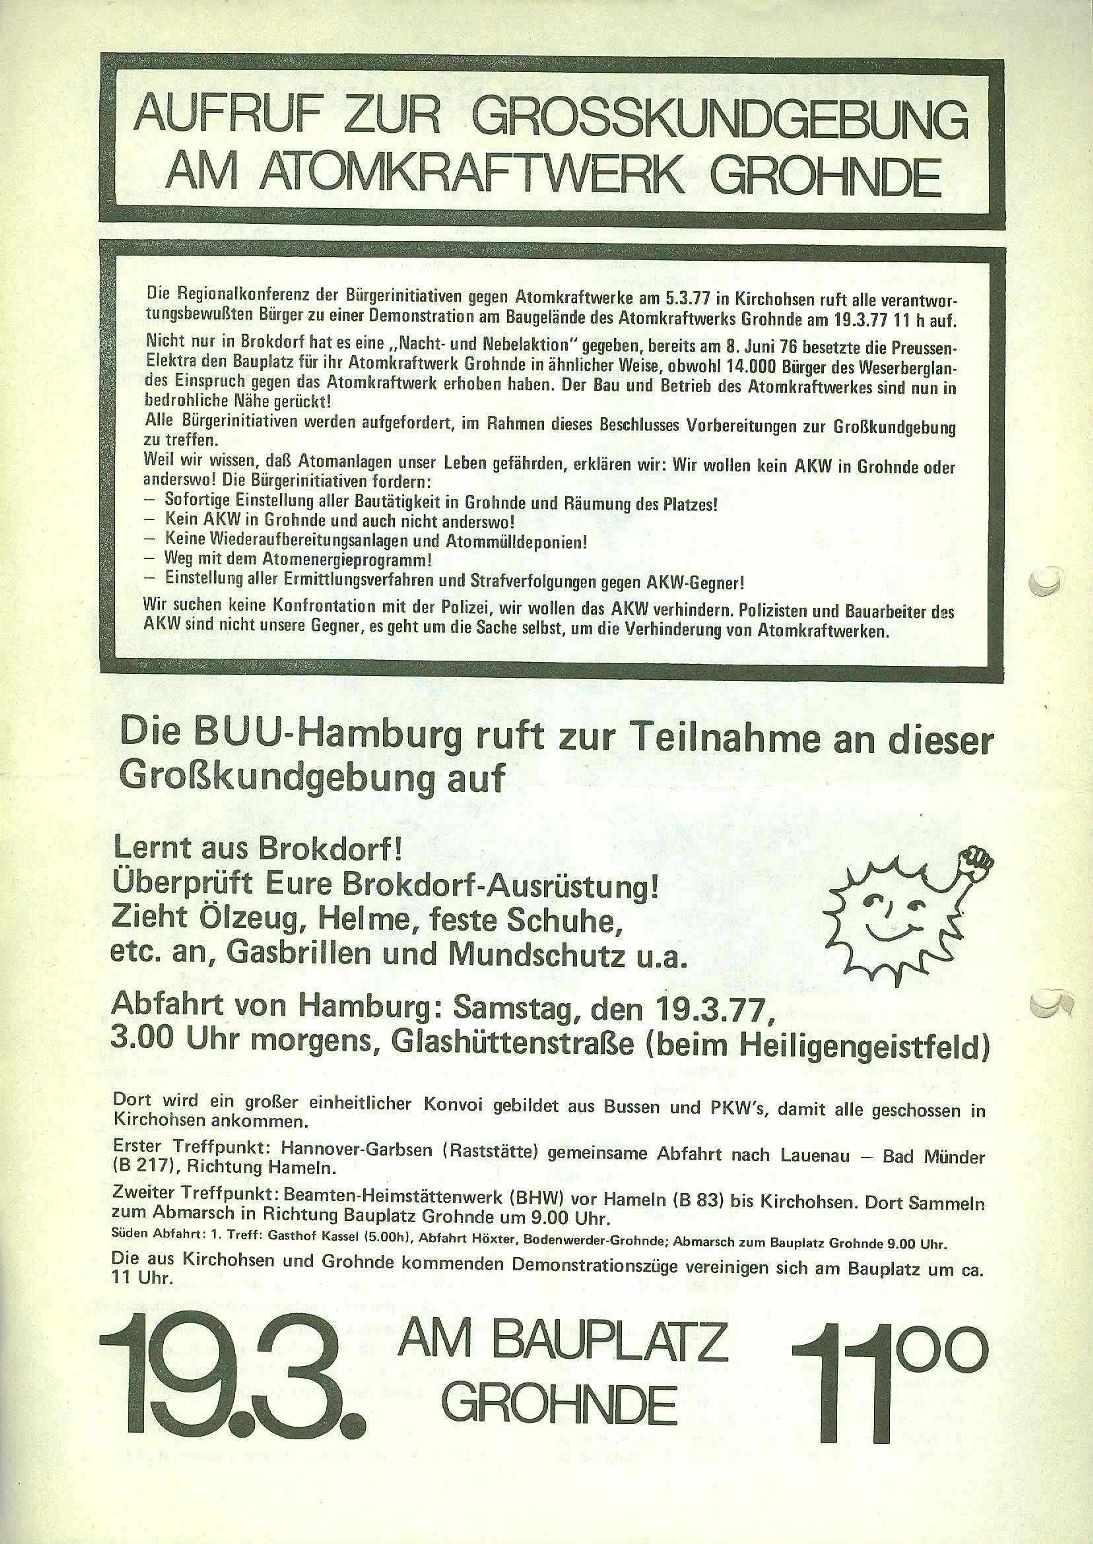 Hamburg_AKW146